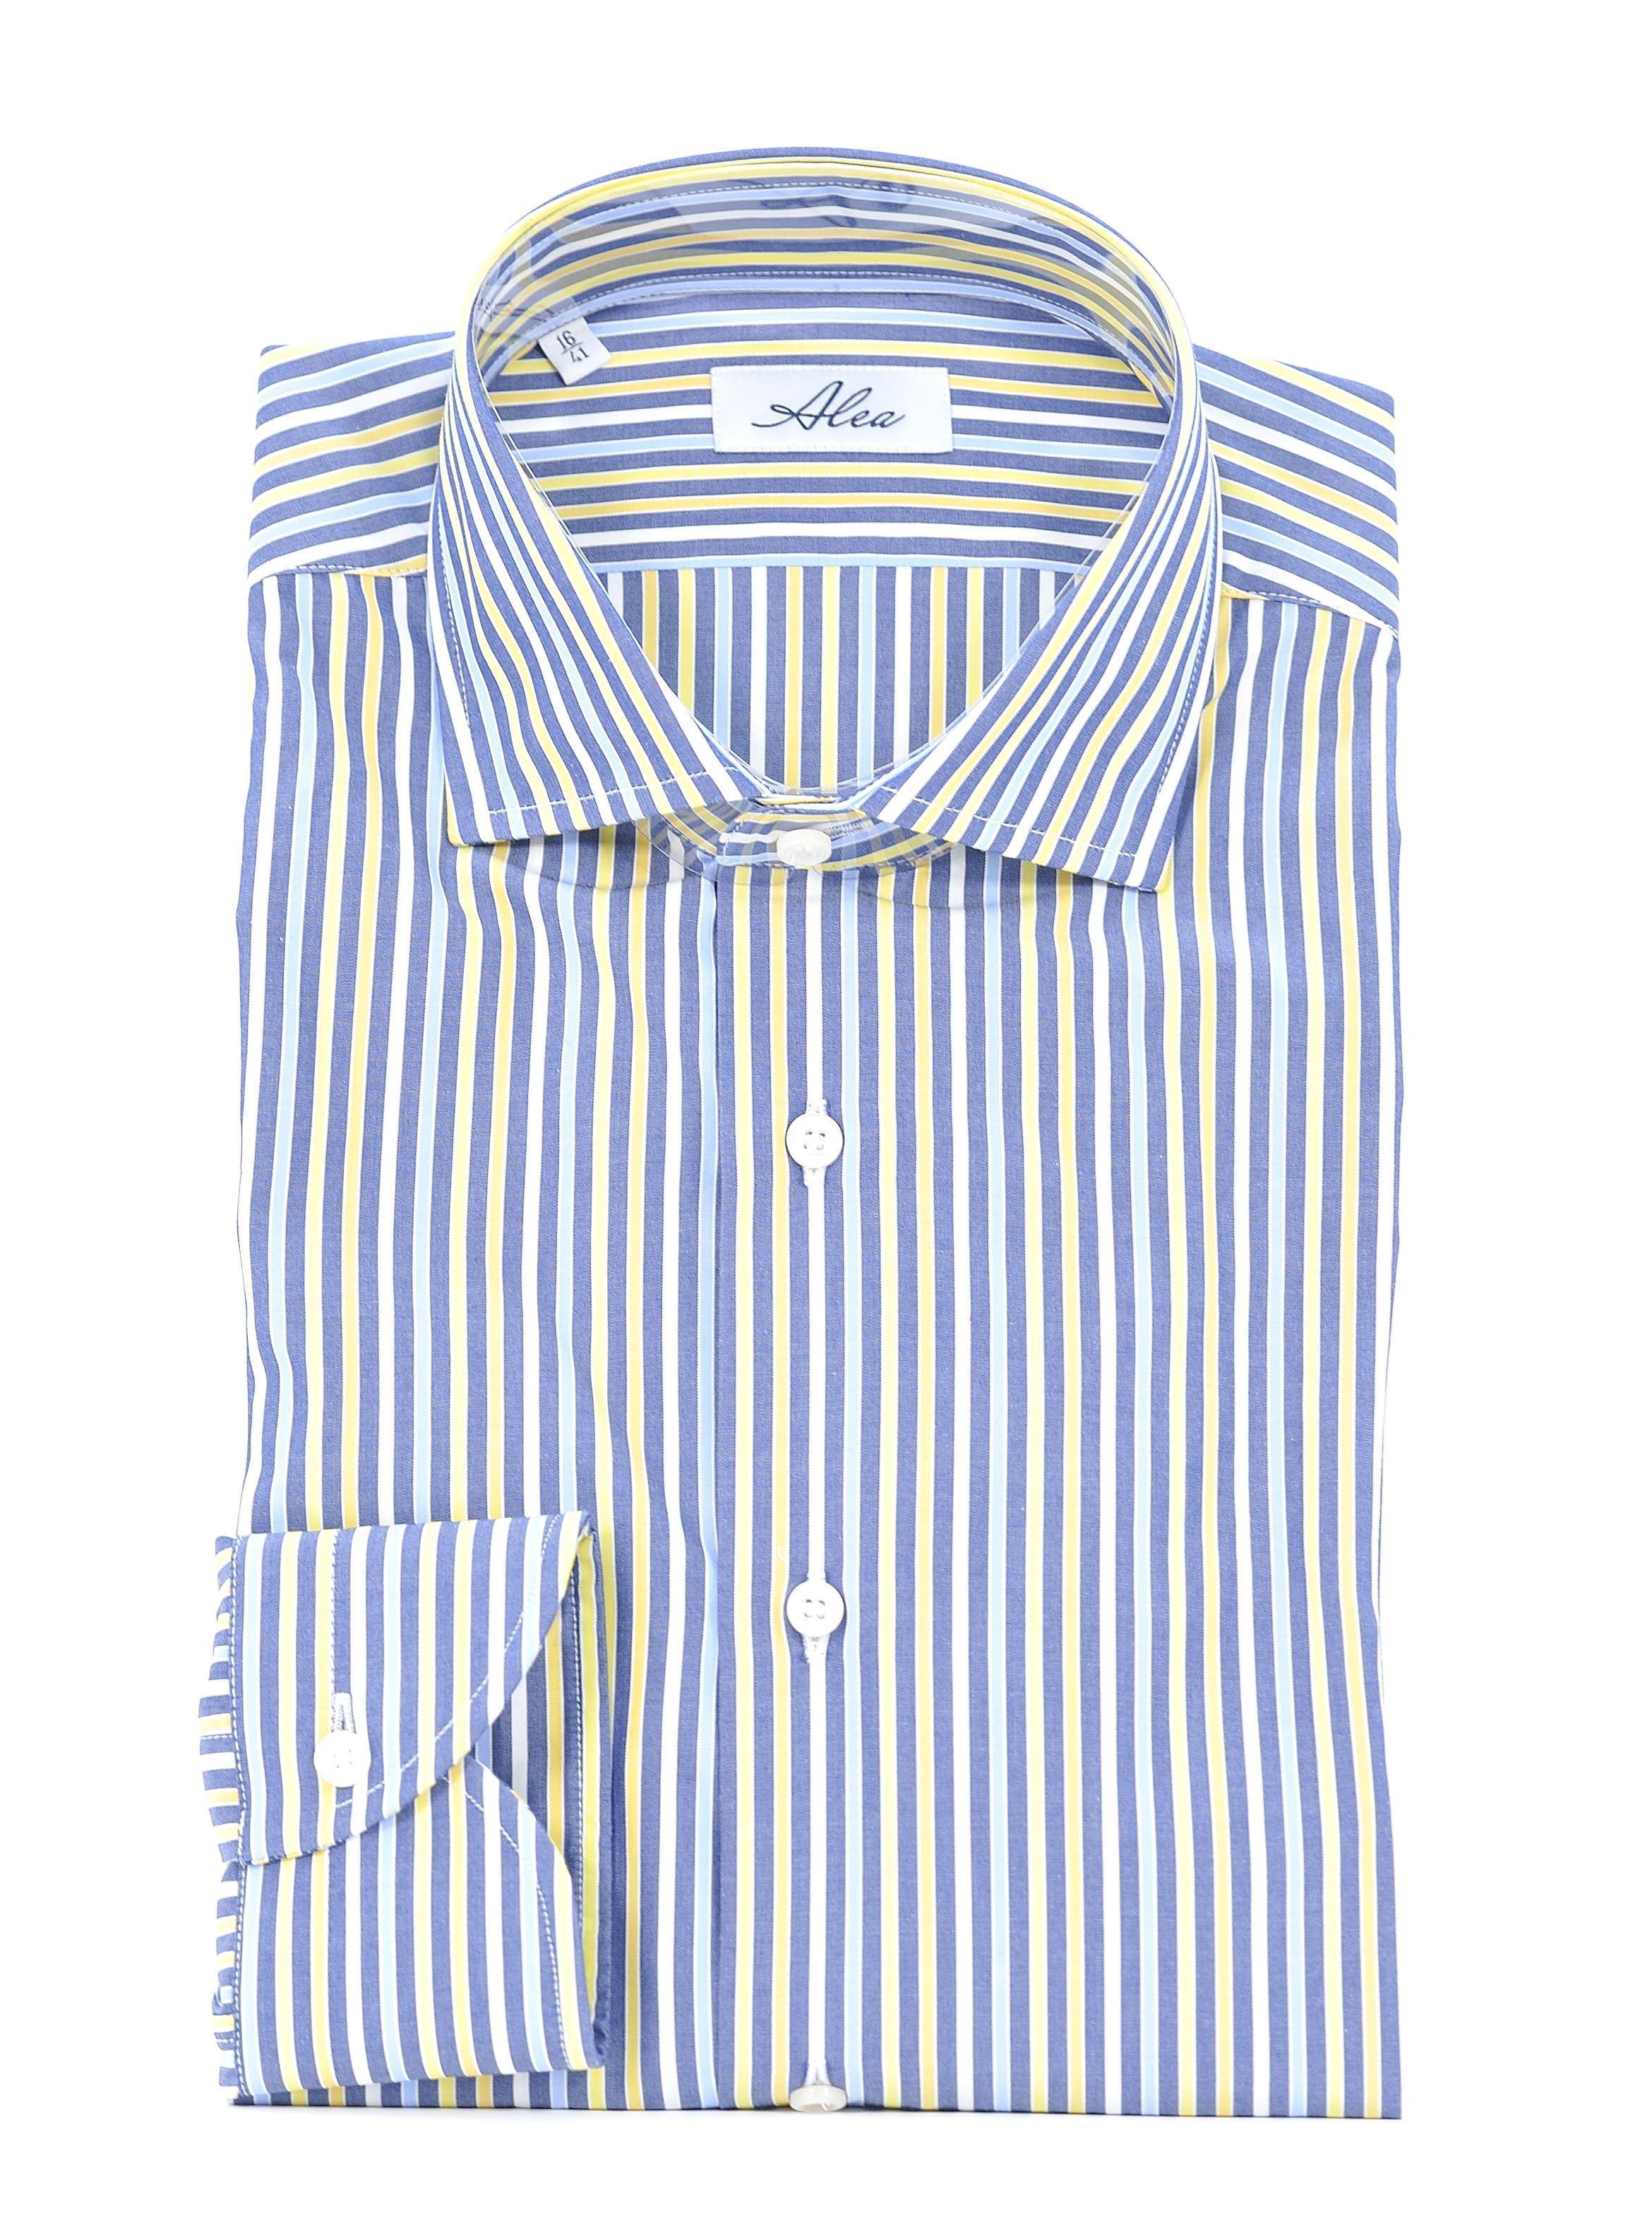 Picture of Camicia manica lunga fondo azzurro